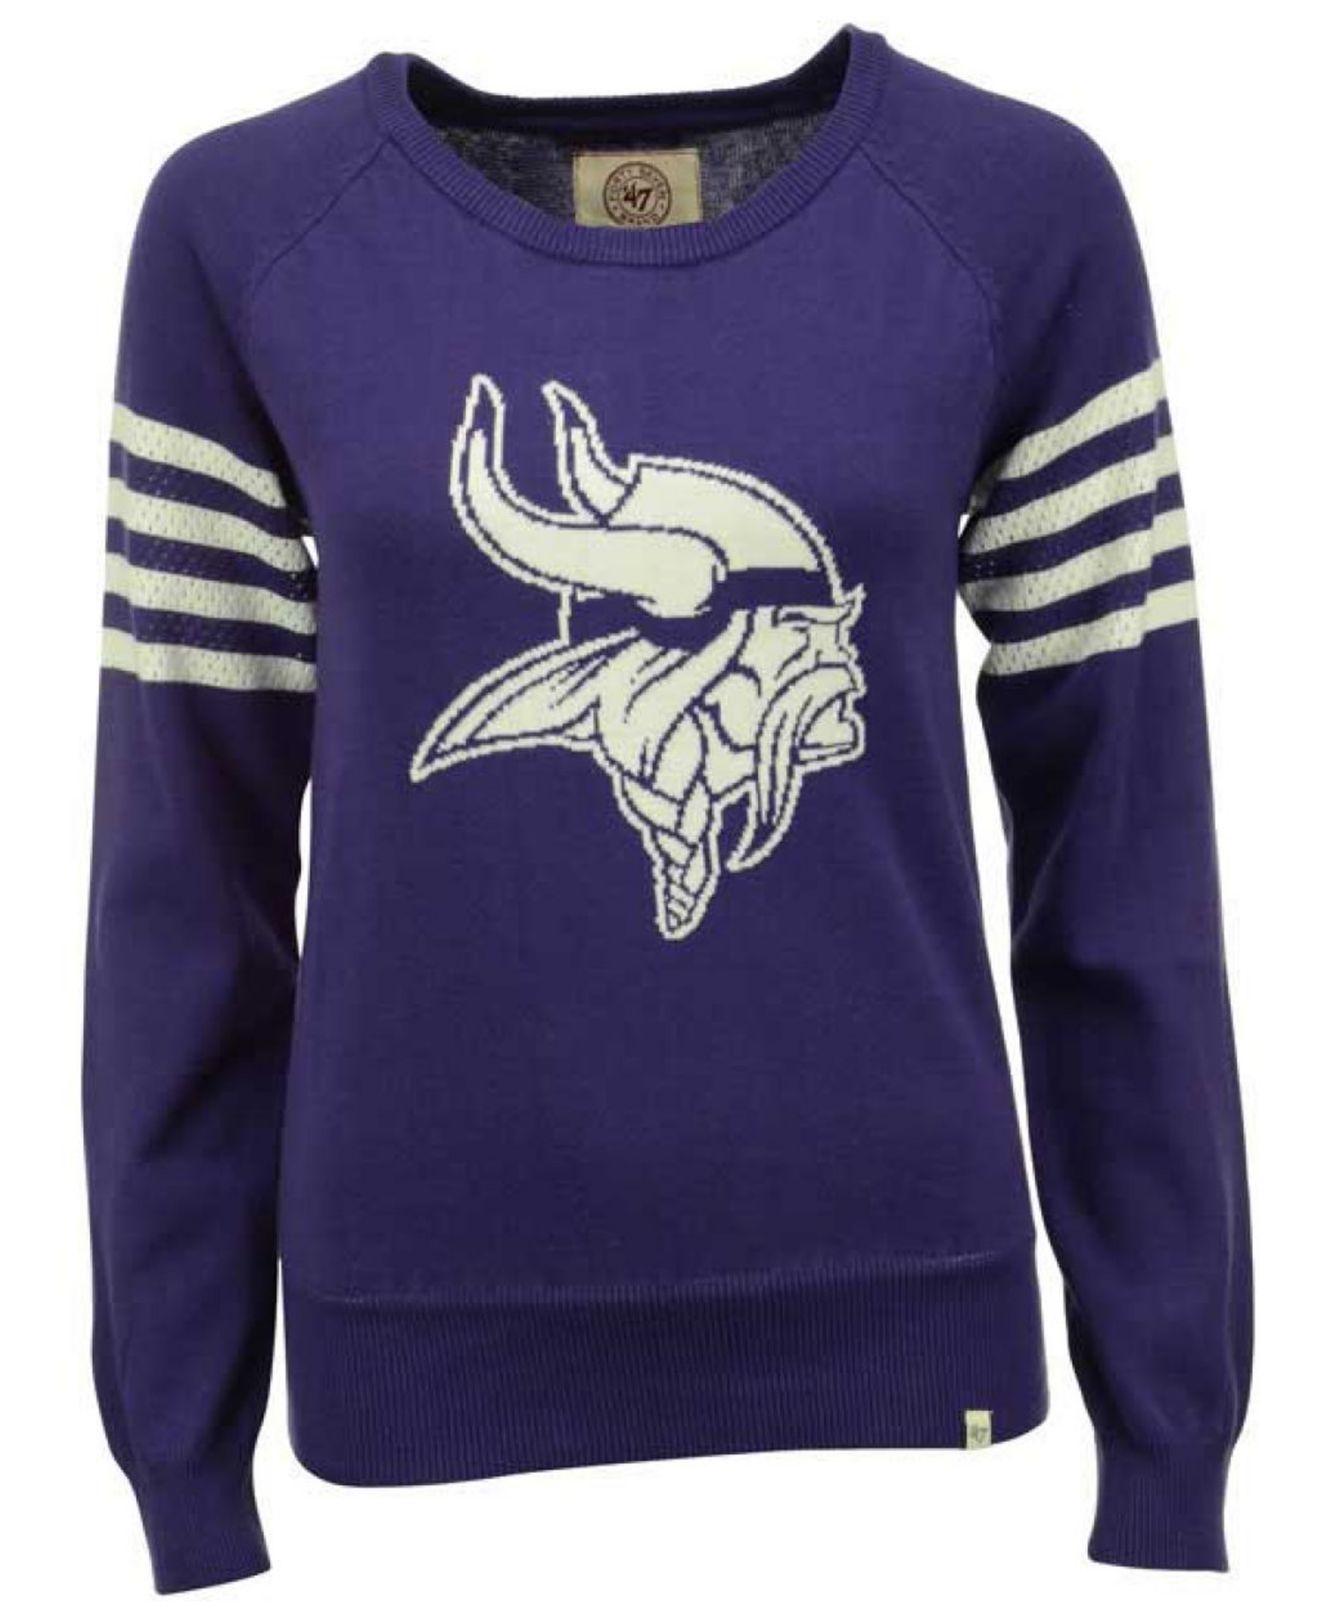 d34248fc 47 Brand Women's Minnesota Vikings Drop Needle Sweater in Purple - Lyst